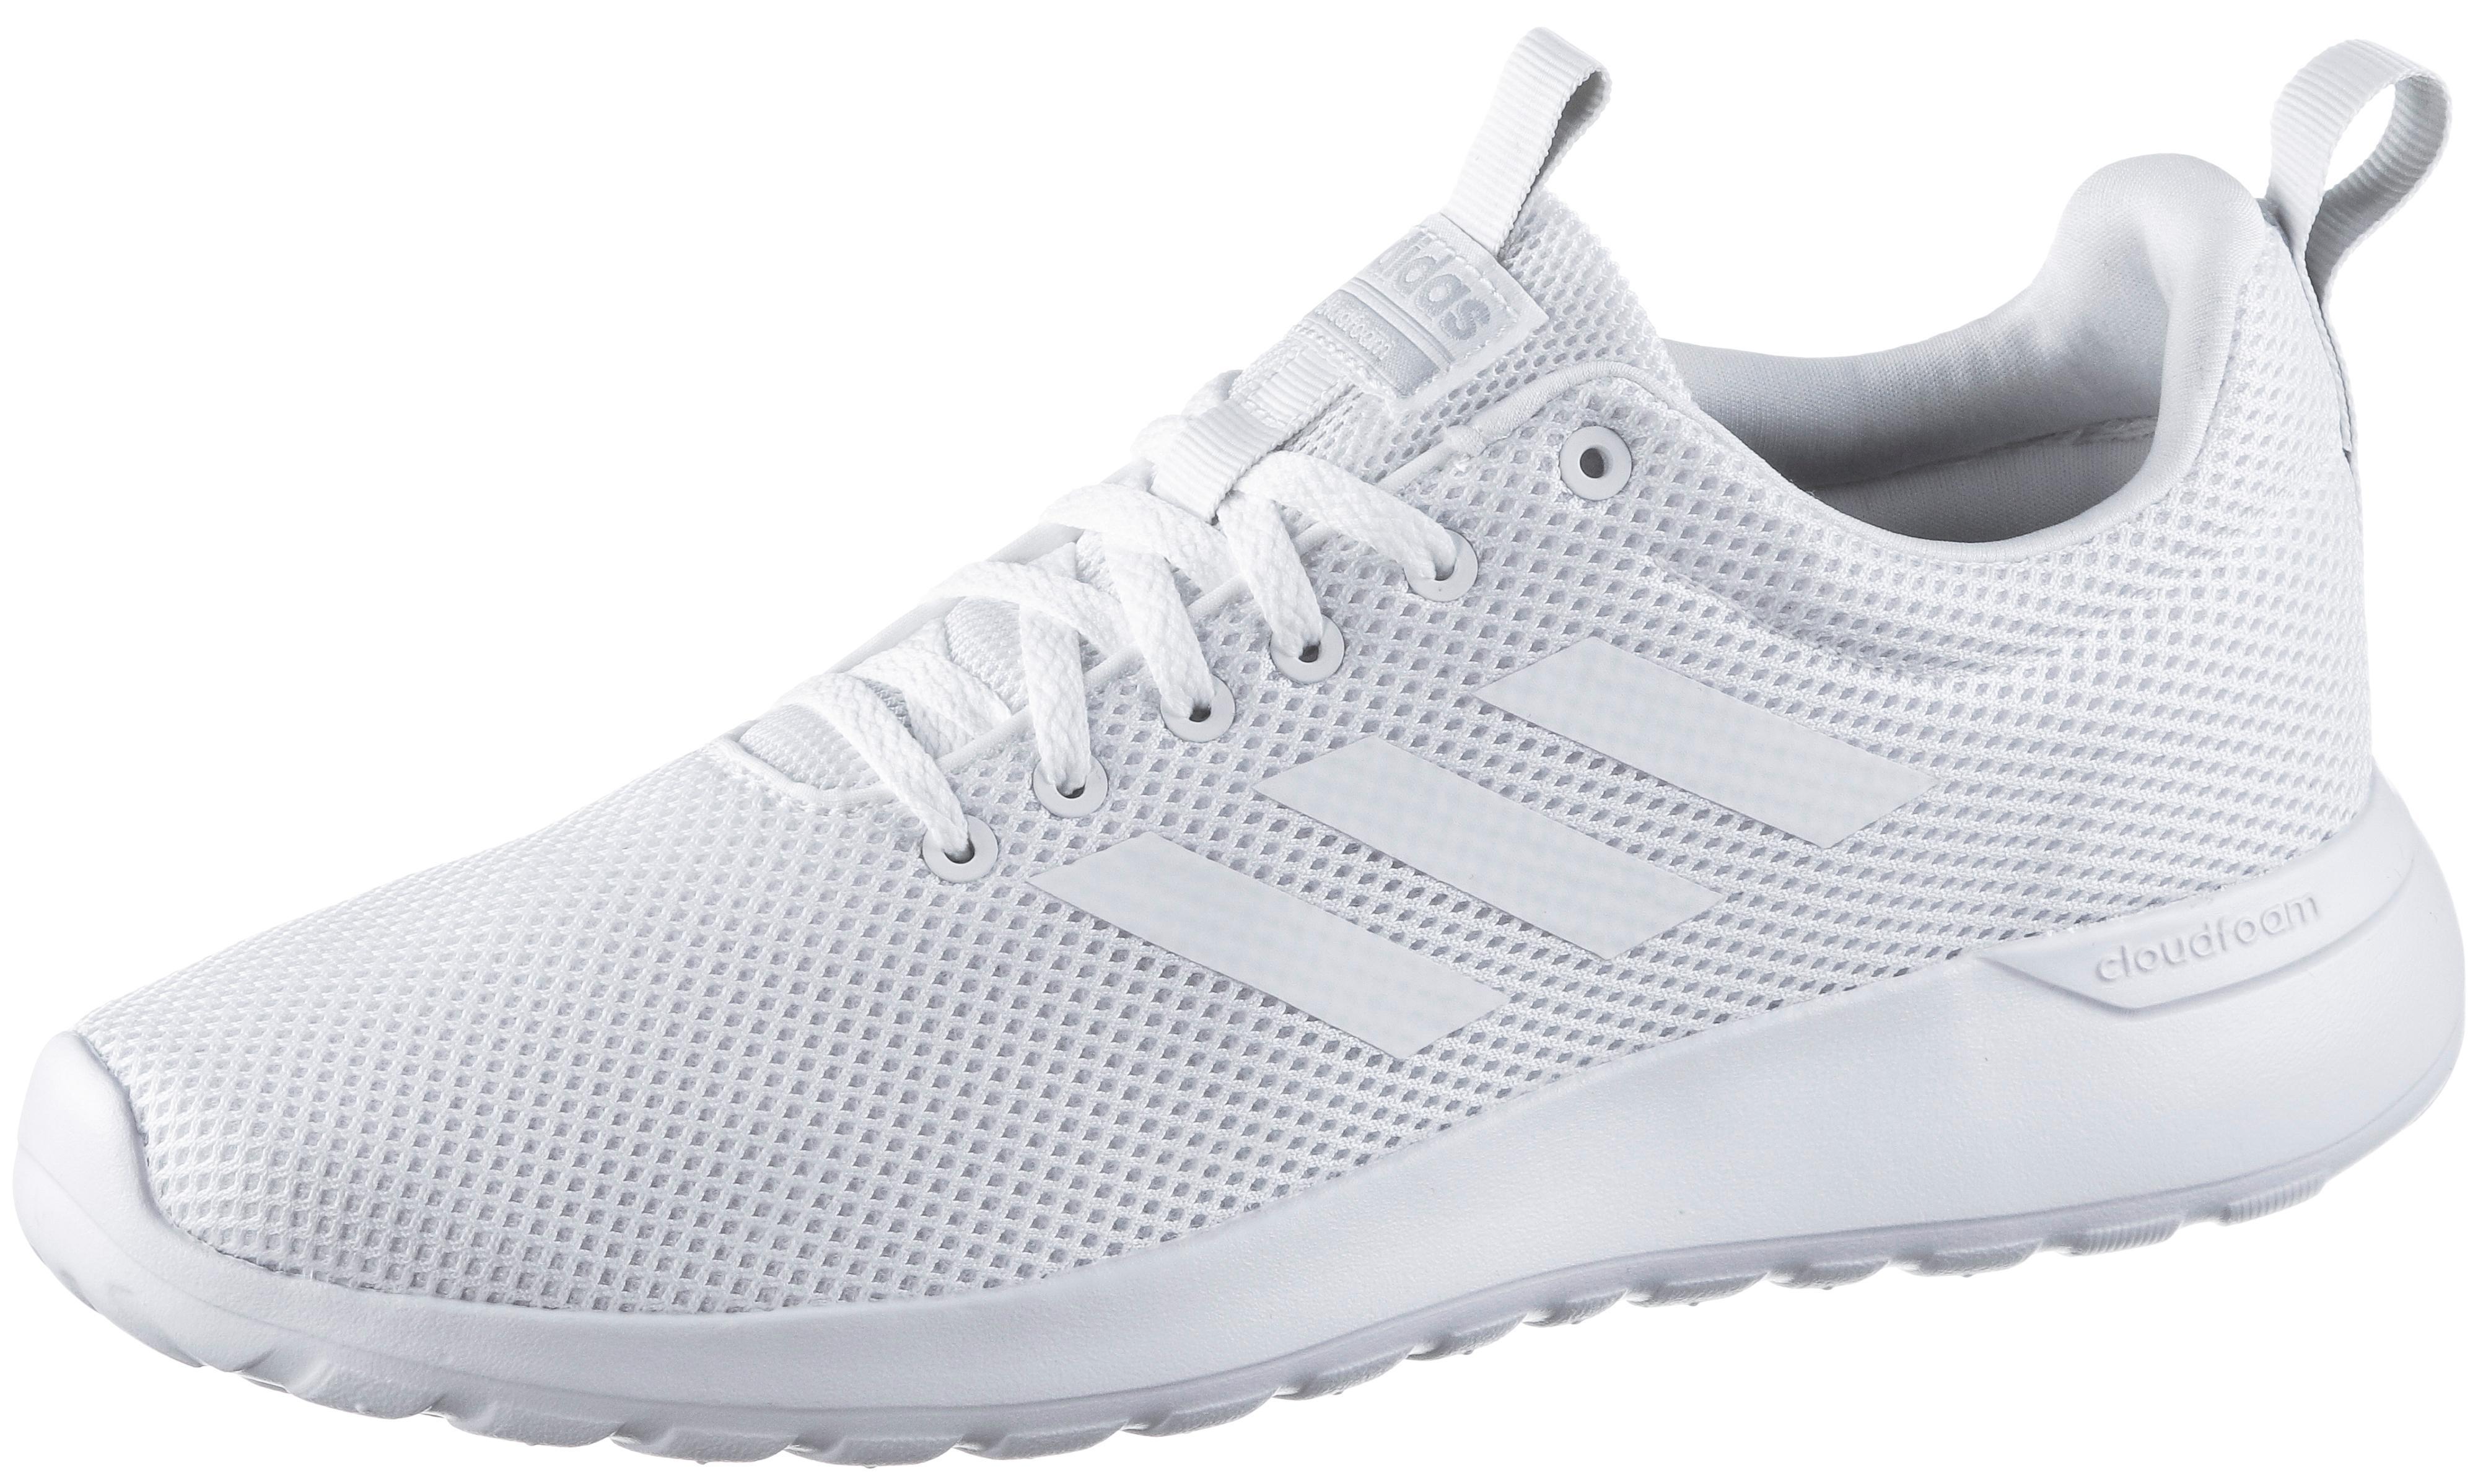 adidas LITE RACER CLN Sneaker Herren ftwr white im Online Shop von  SportScheck kaufen